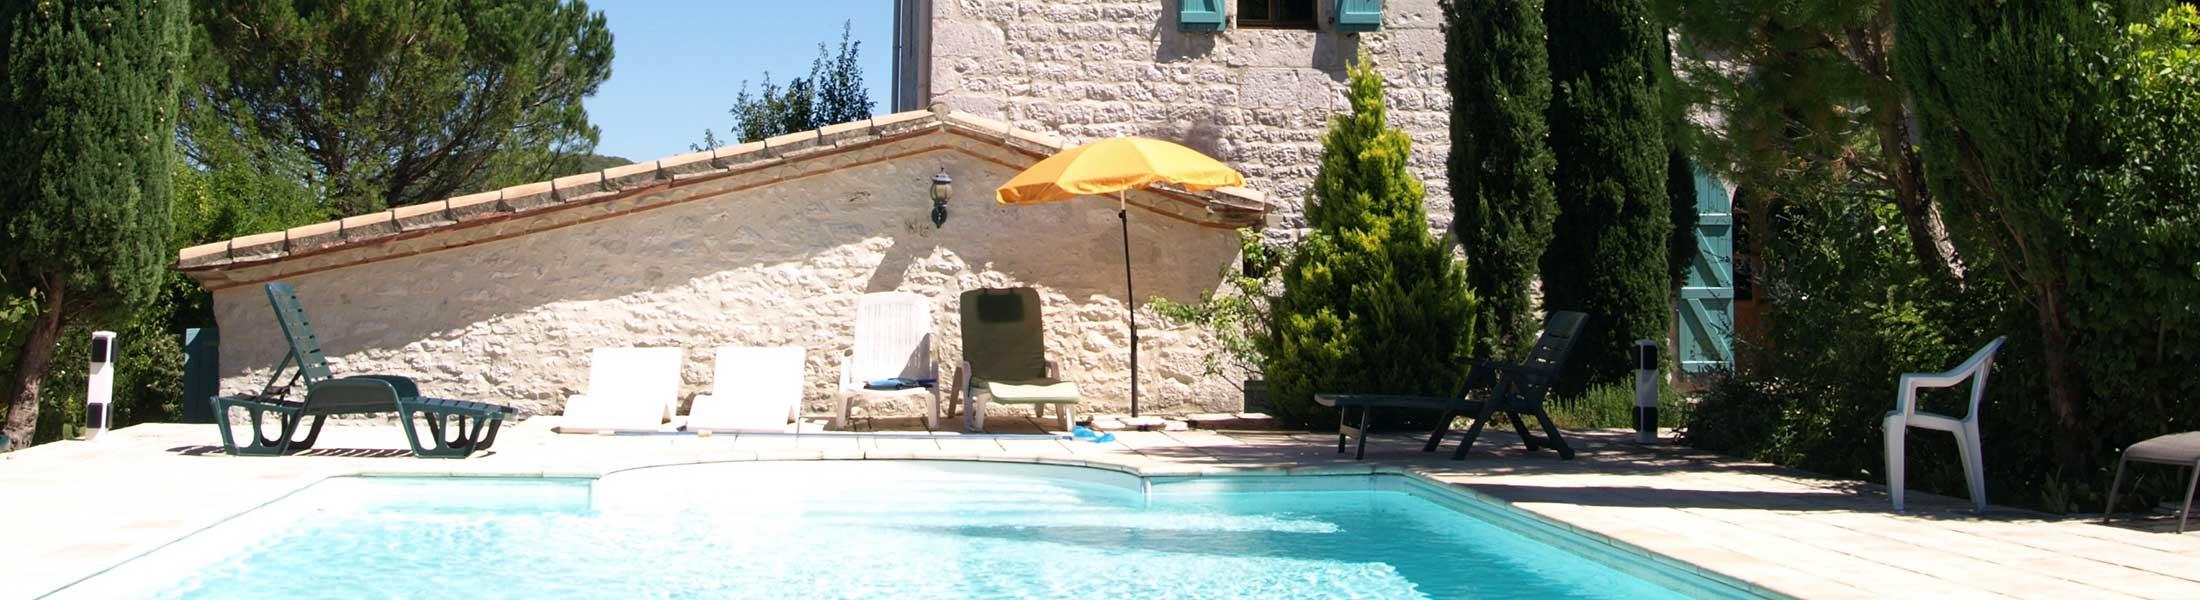 French villa pool, Cahors, Francefrench-villa-pool-cahors-france